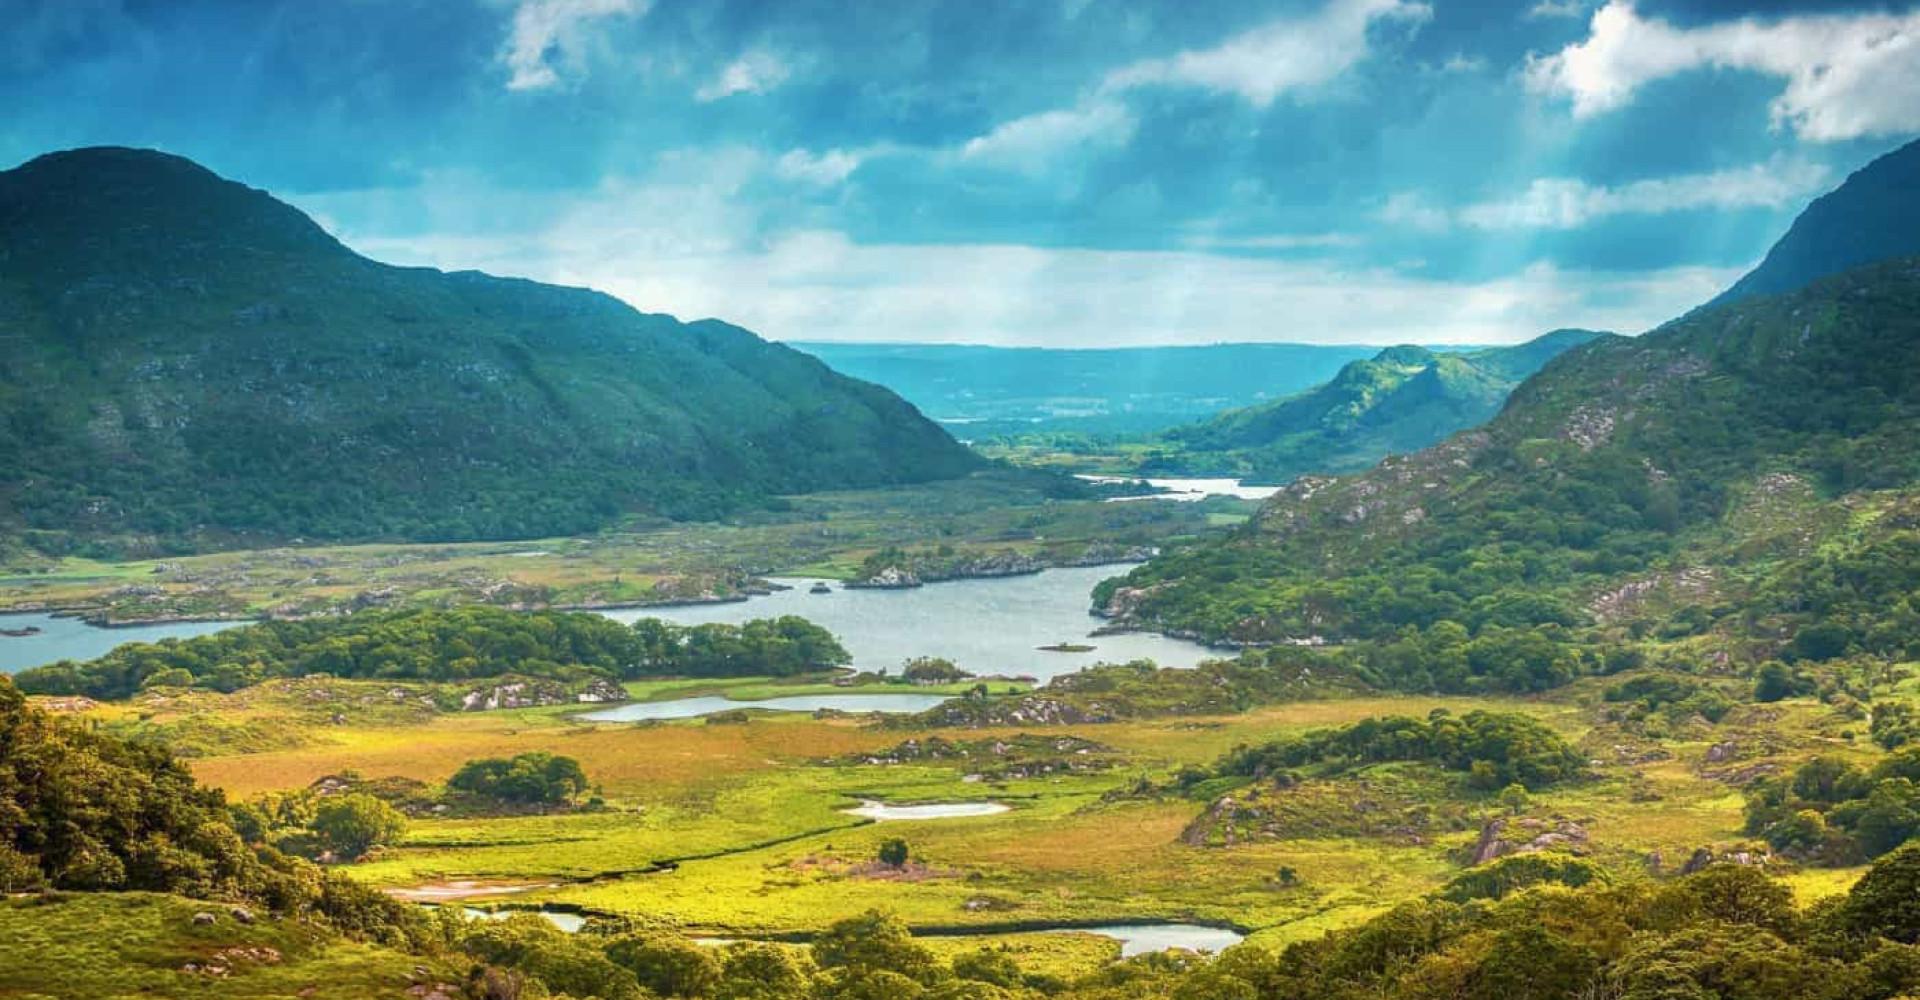 Descubre Irlanda, la eterna Isla Esmeralda